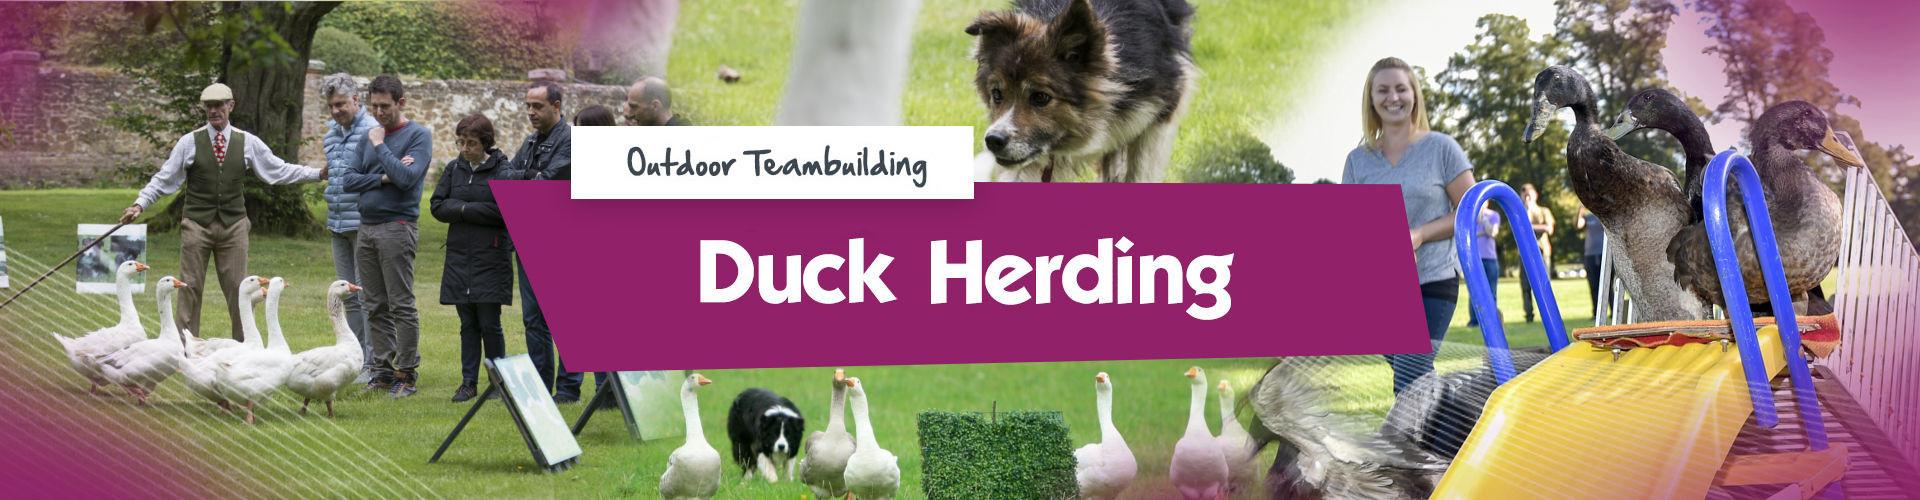 Duck Herding Banner